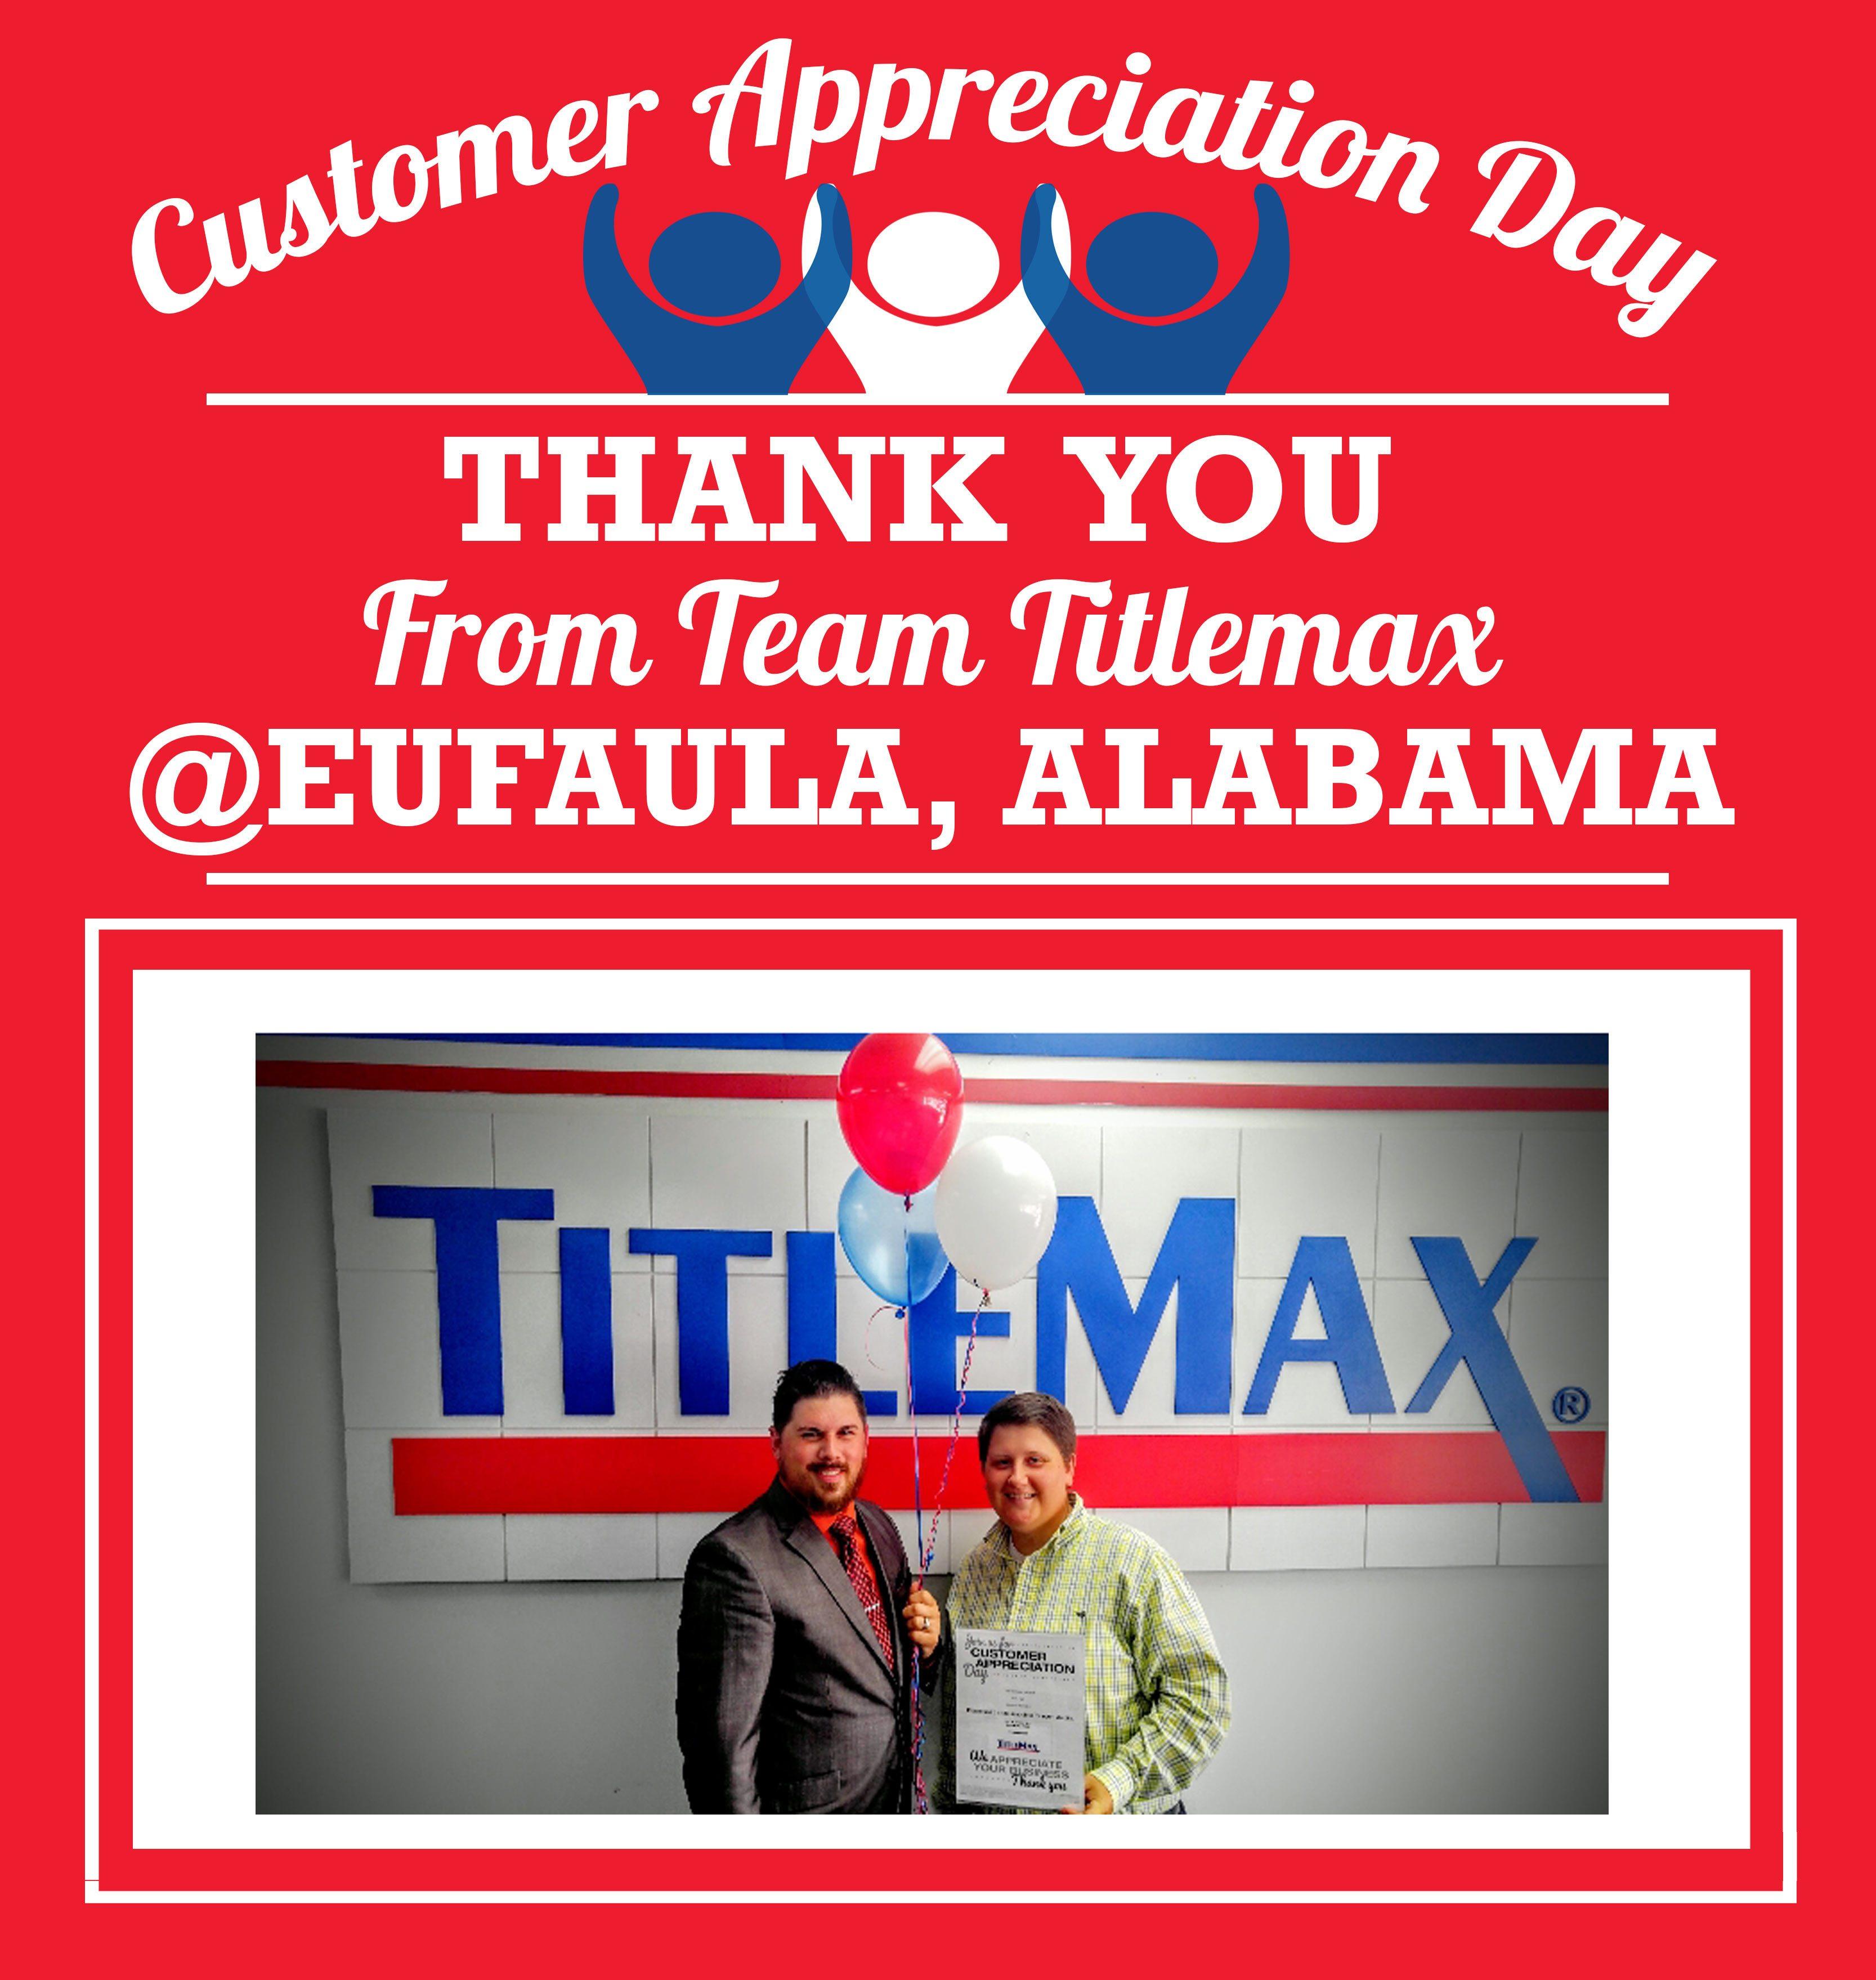 A Big Thank You Goes Out to Eufaula, Alabama!